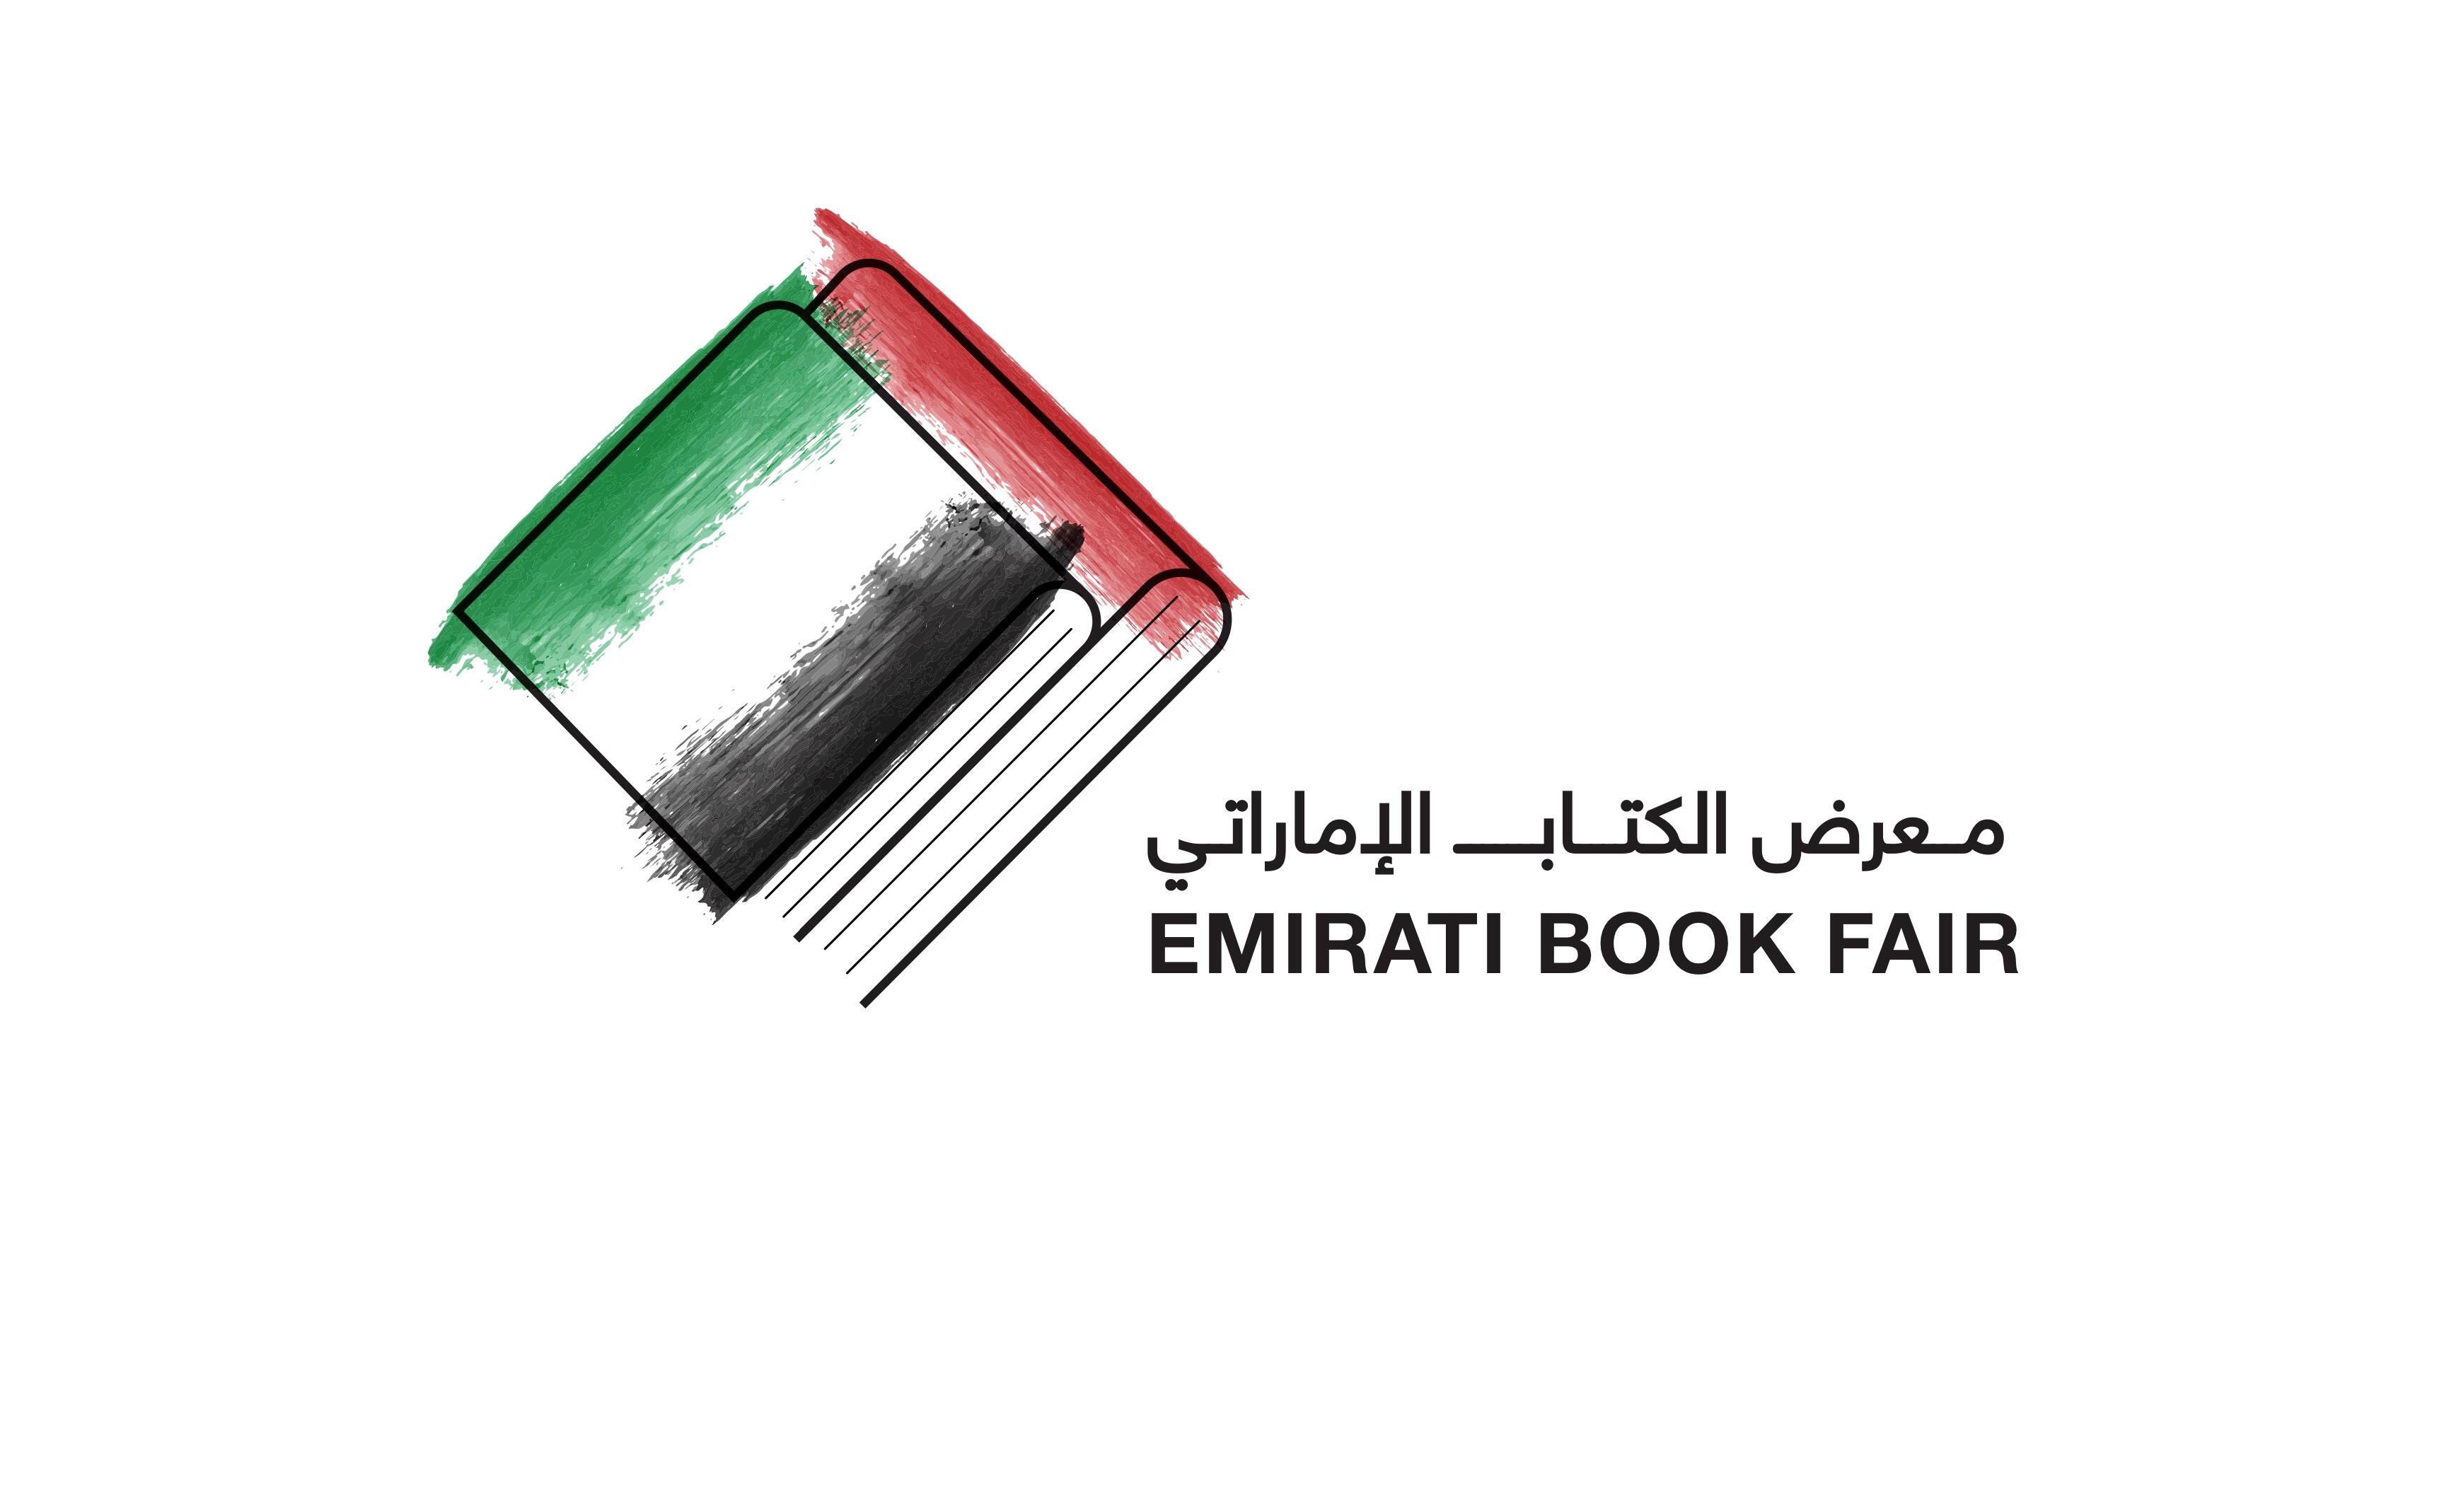 """رموز الأدب المحلي في """"معرض الكتاب الإماراتي"""" غداً"""